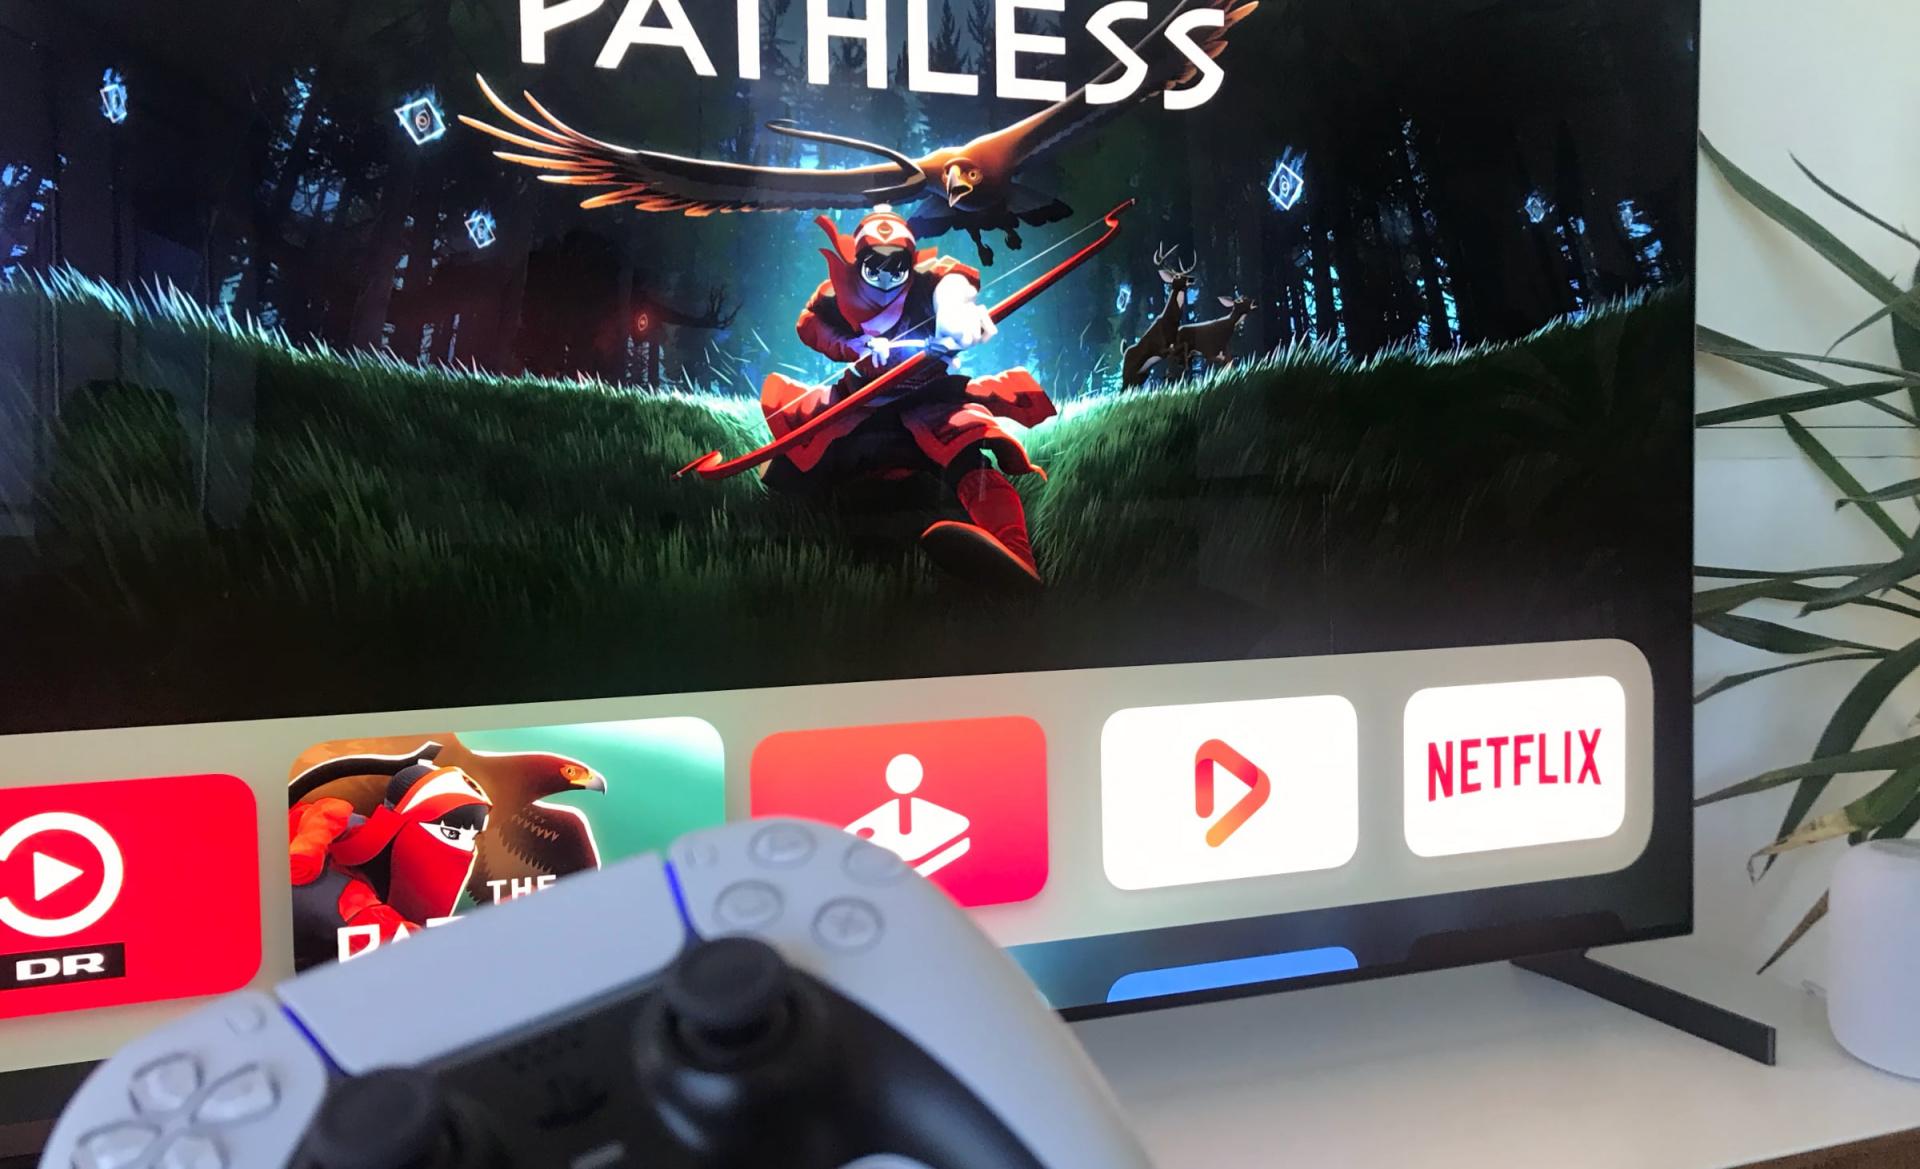 Всем владельцам PS5 дарят6 месяцев подписки Apple TV+